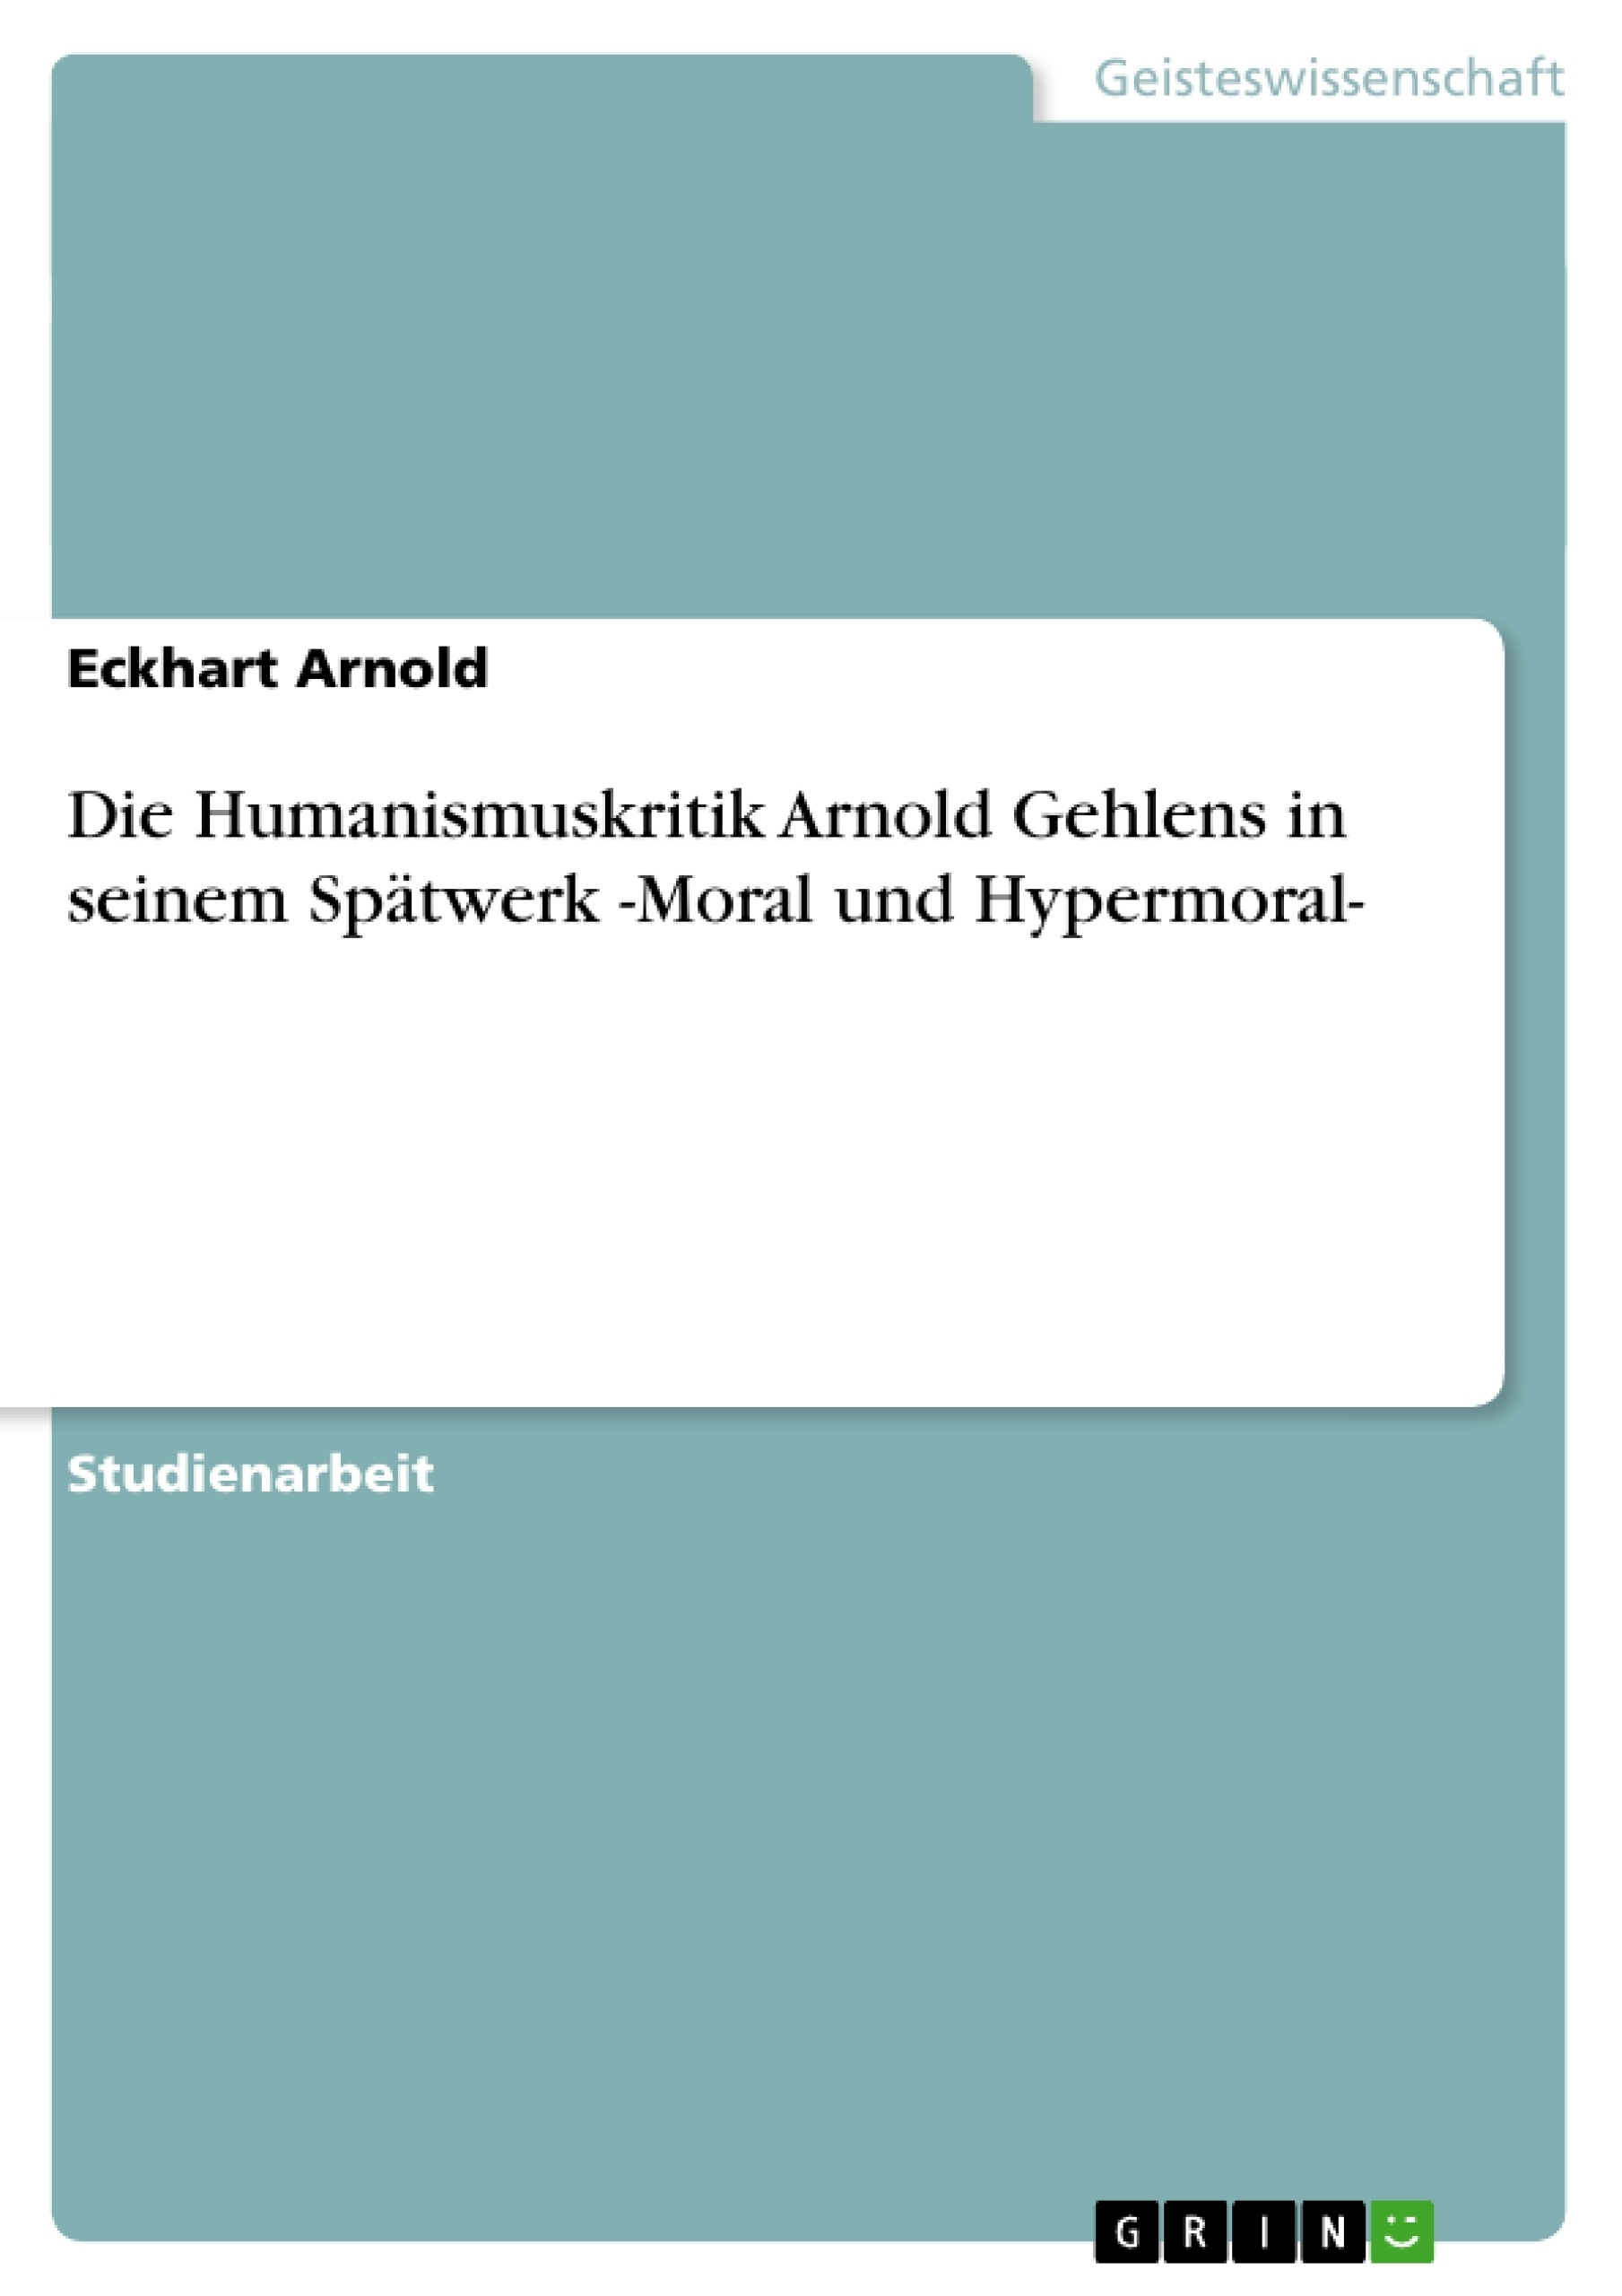 Titel: Die Humanismuskritik Arnold Gehlens in seinem Spätwerk -Moral und Hypermoral-